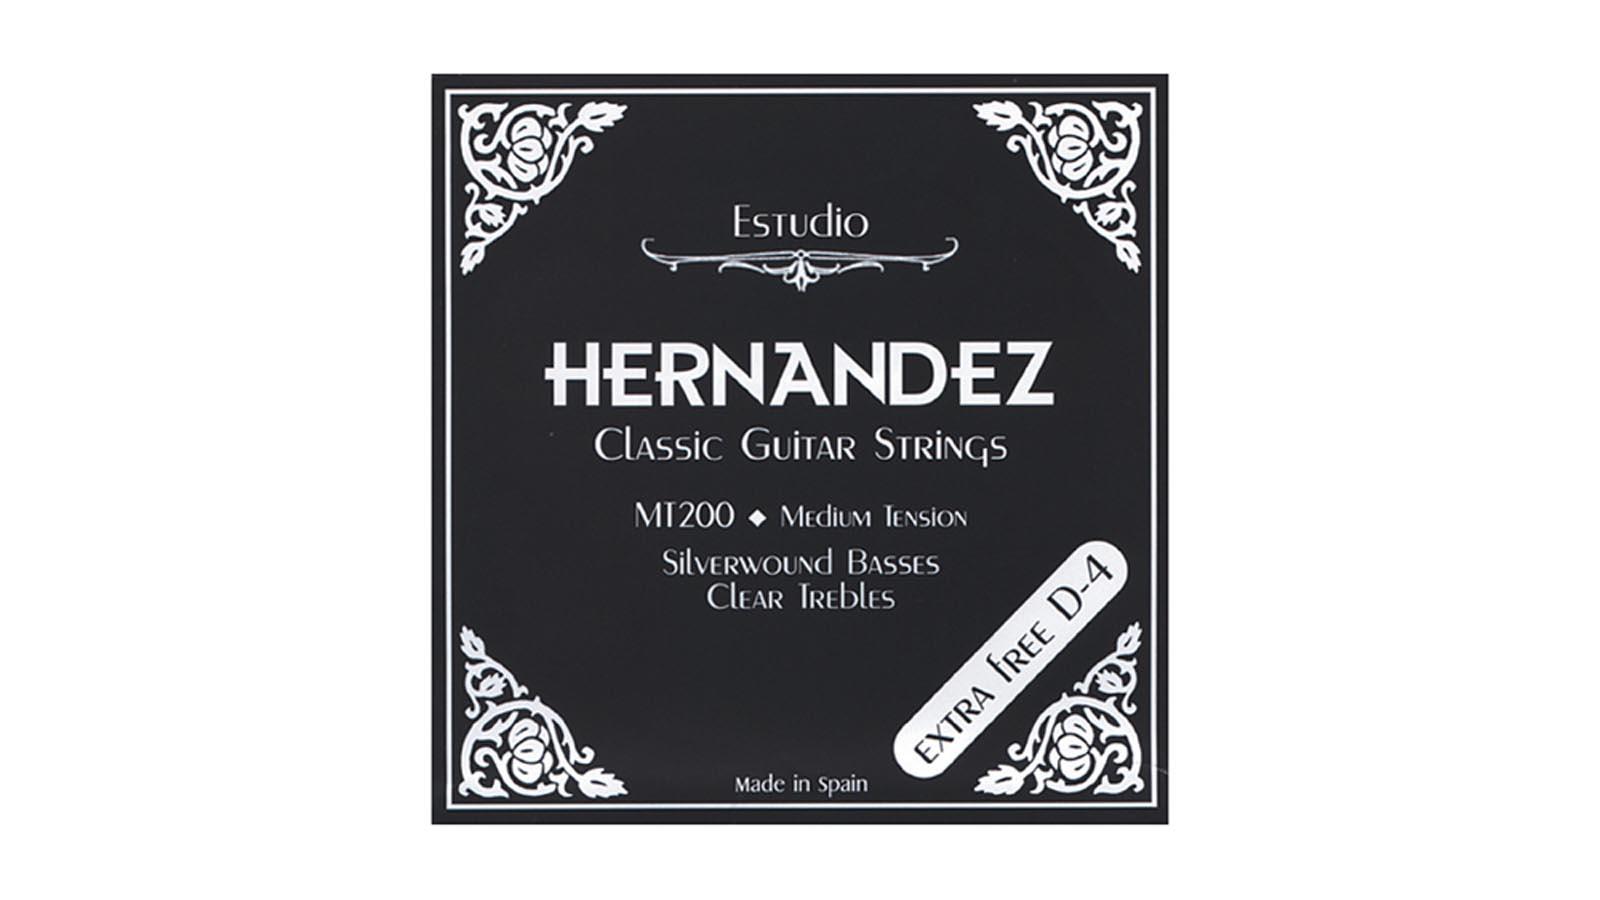 Hernandez Klassikgitarren Saiten schwarz